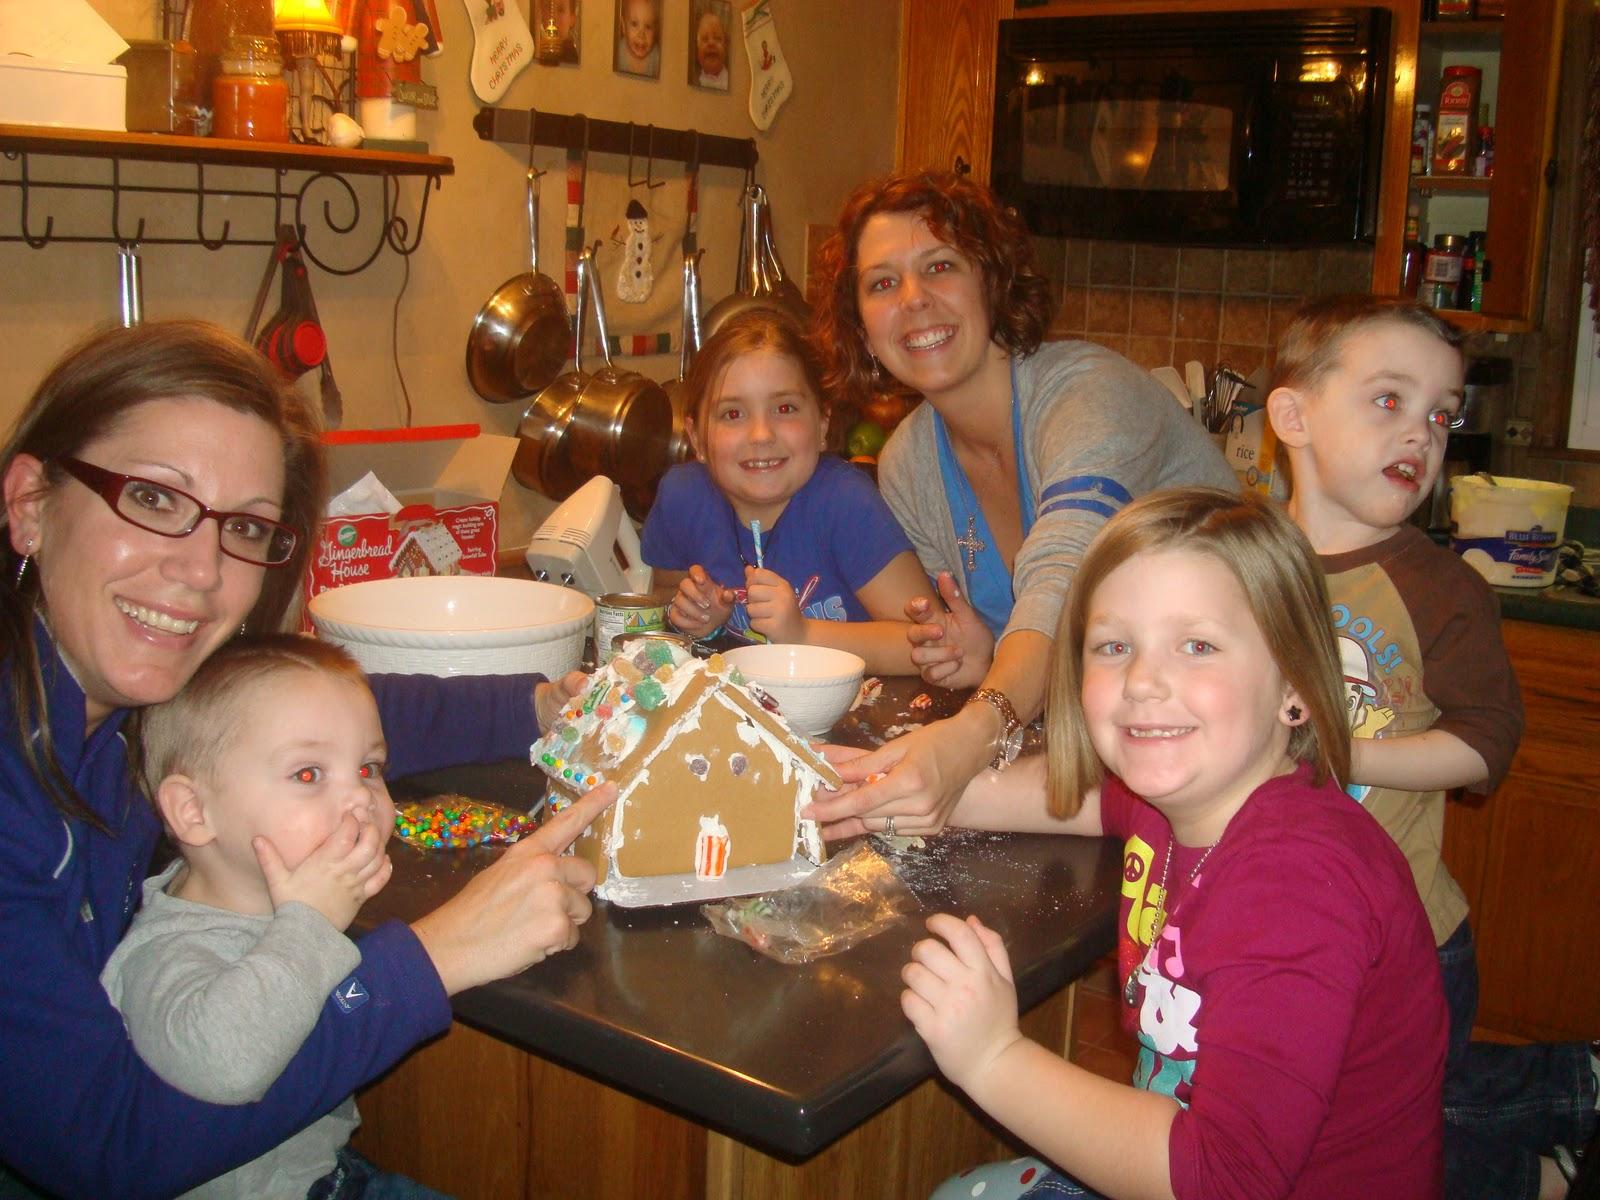 http://3.bp.blogspot.com/_b0MUvvce5Ow/TRSxIFiBDsI/AAAAAAAACfs/wKsVK6SGr88/s1600/christmas+party+054.JPG